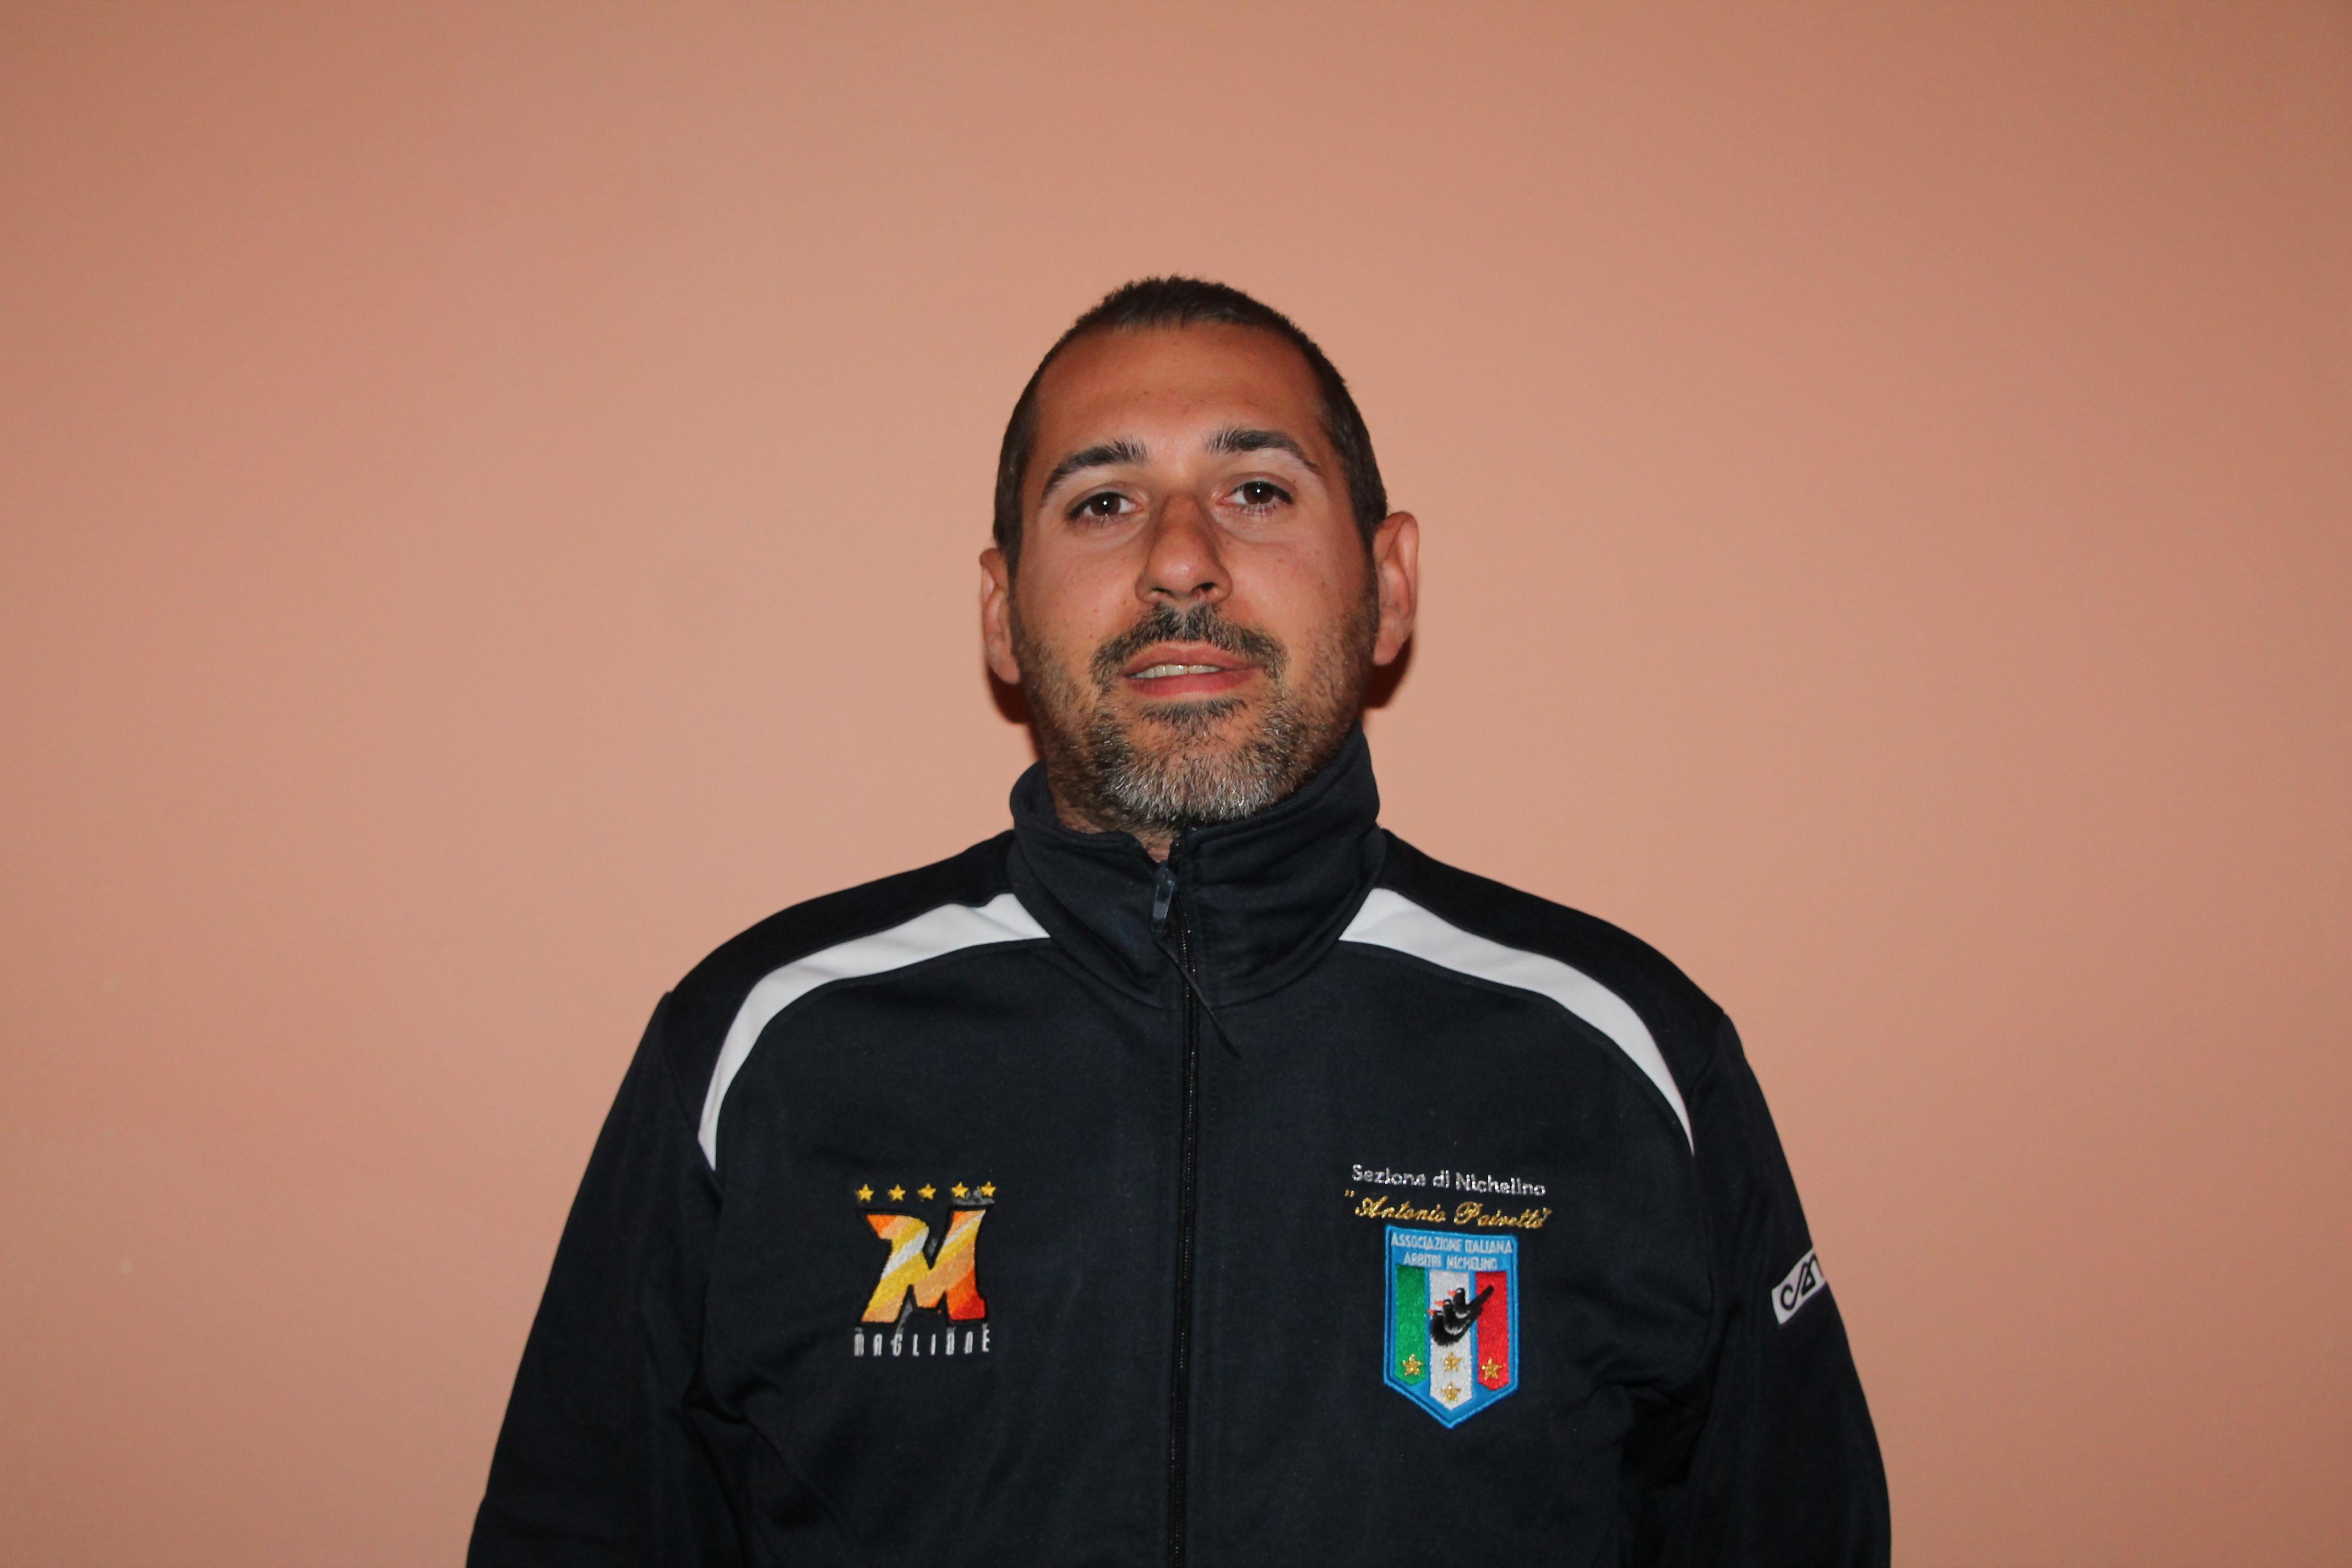 Vito Urgese